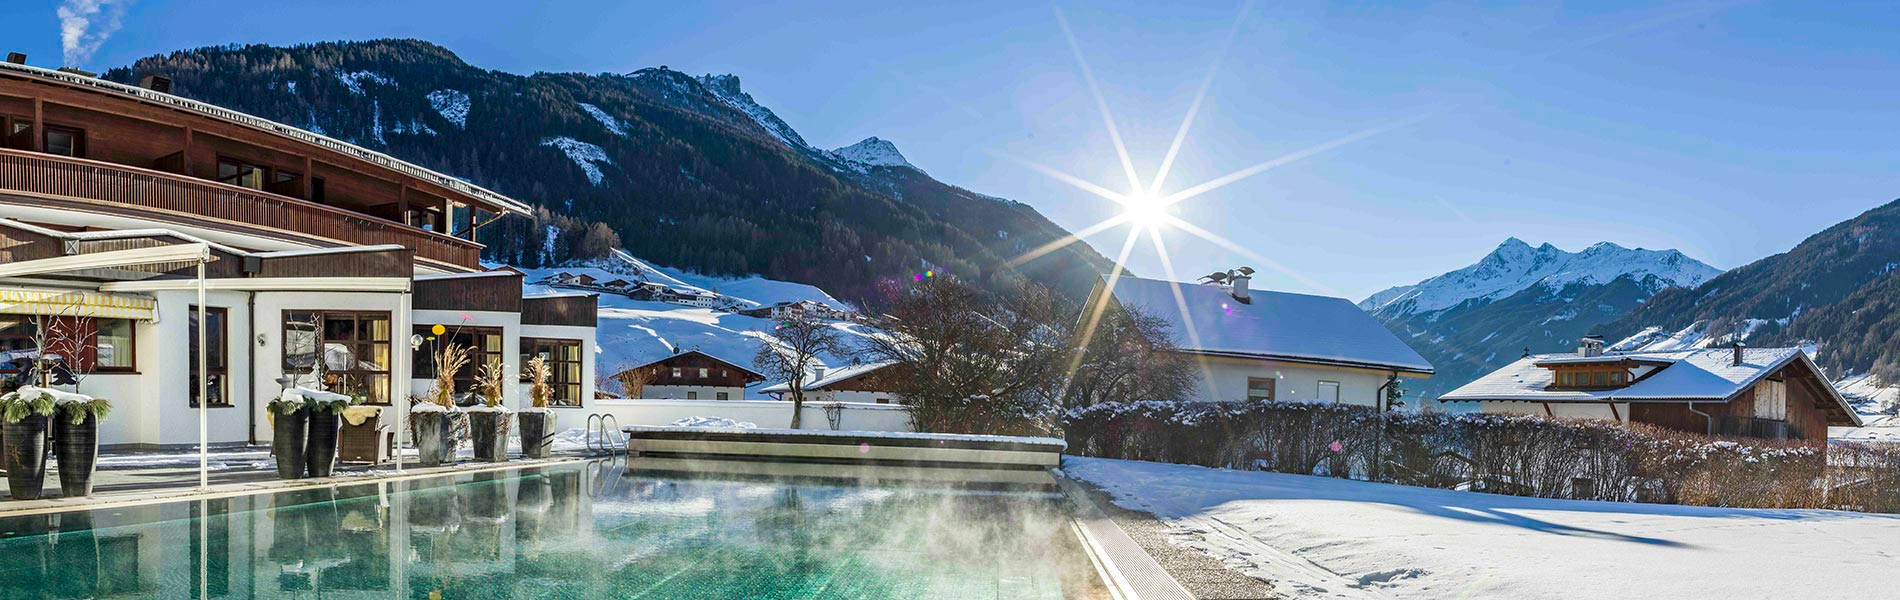 Winterurlaub in Tirol Urlaub im Hotel Happy Stubai Neustift Österreich